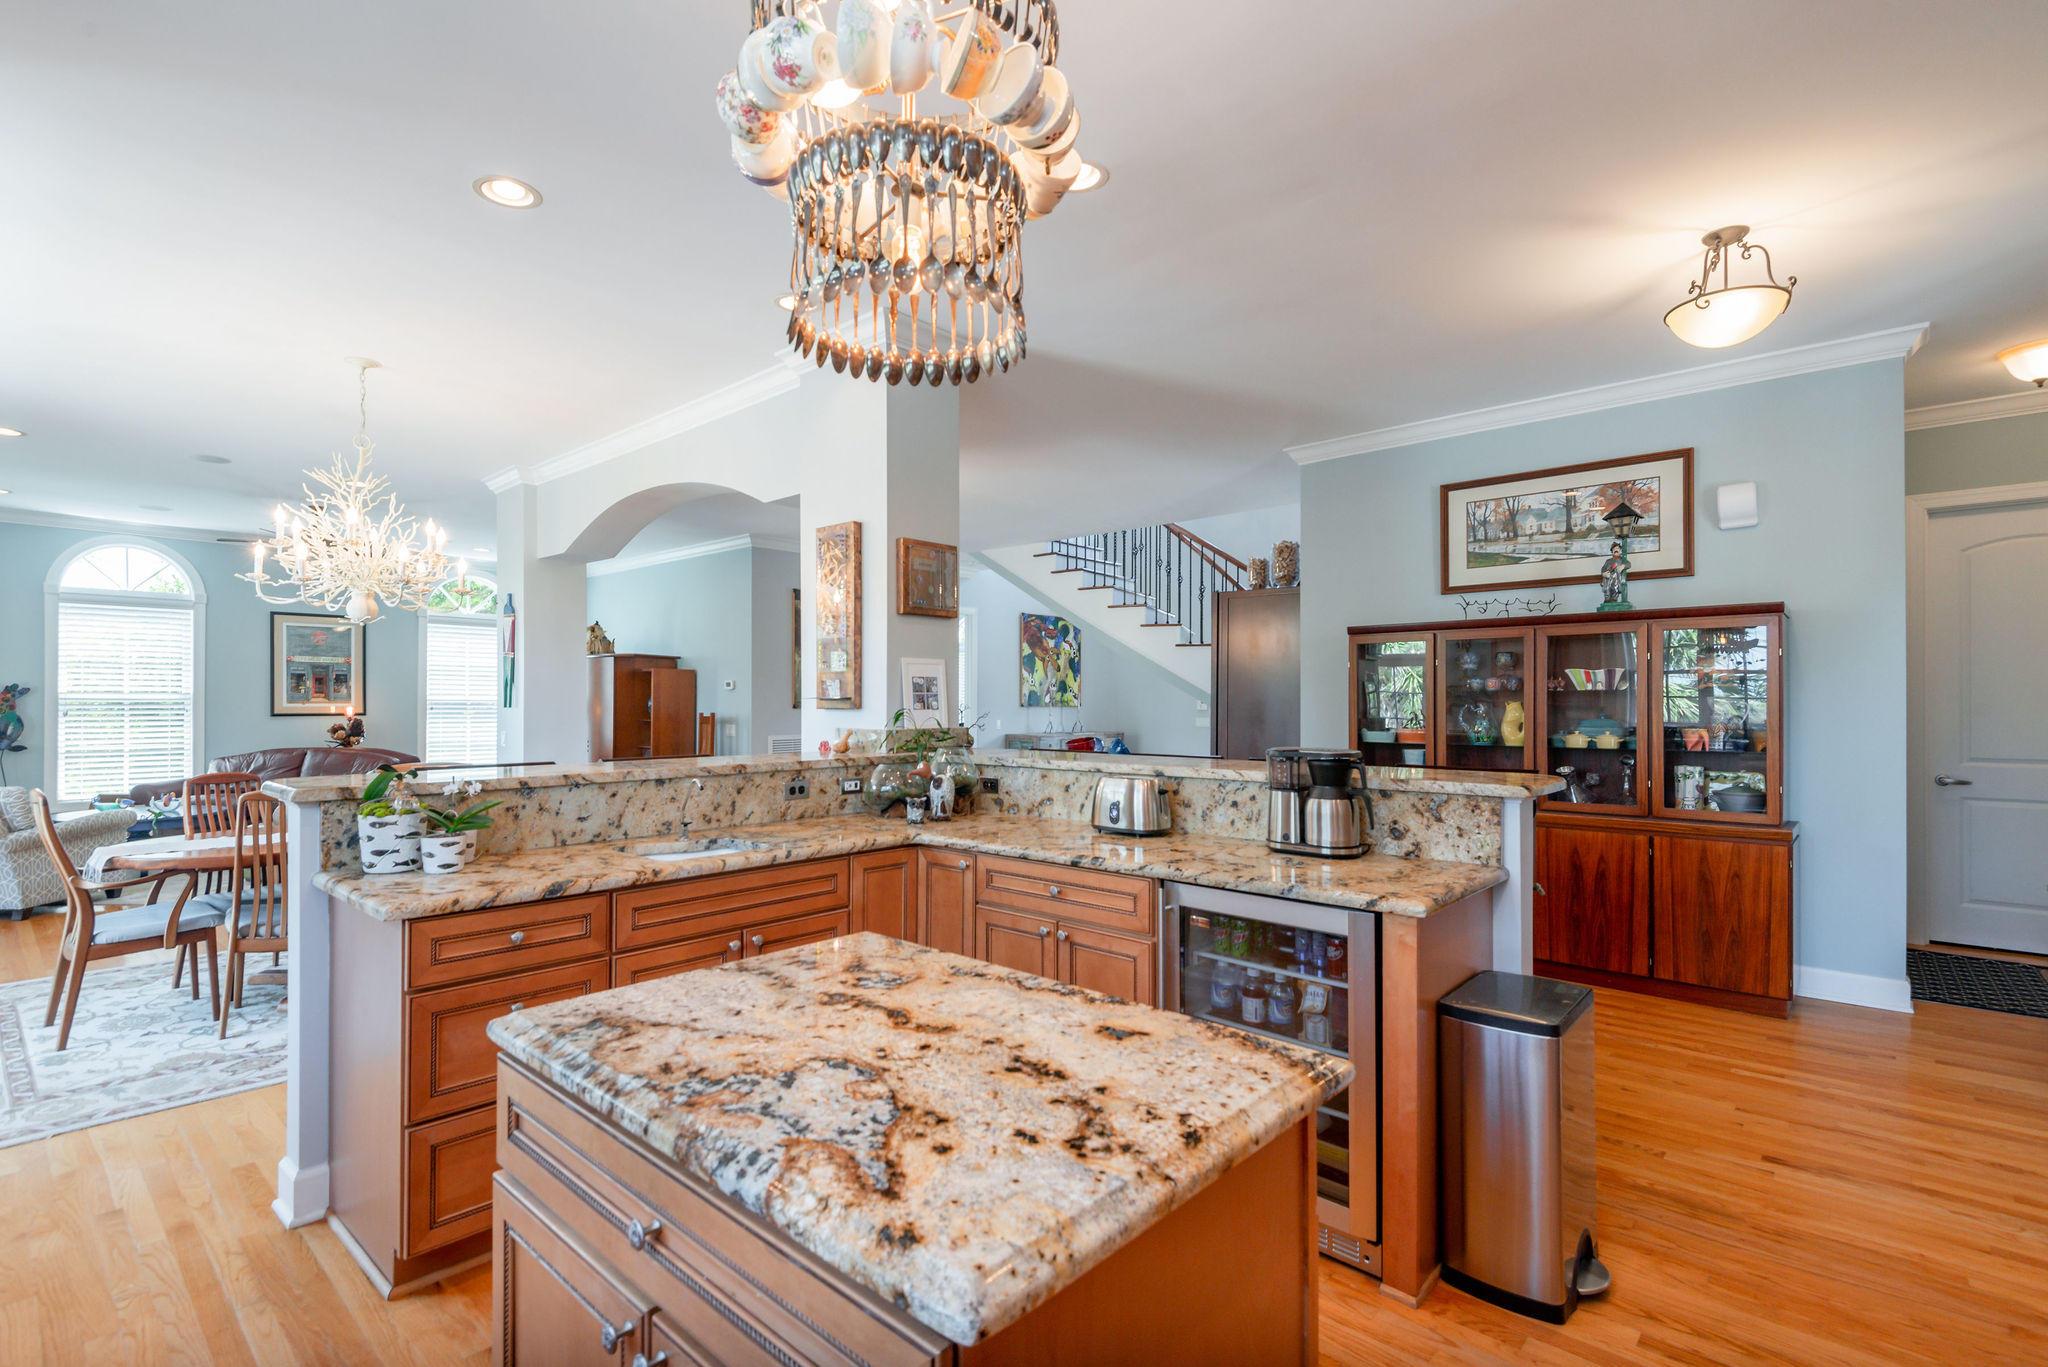 Ellis Oaks Homes For Sale - 828 Mary River, Charleston, SC - 27